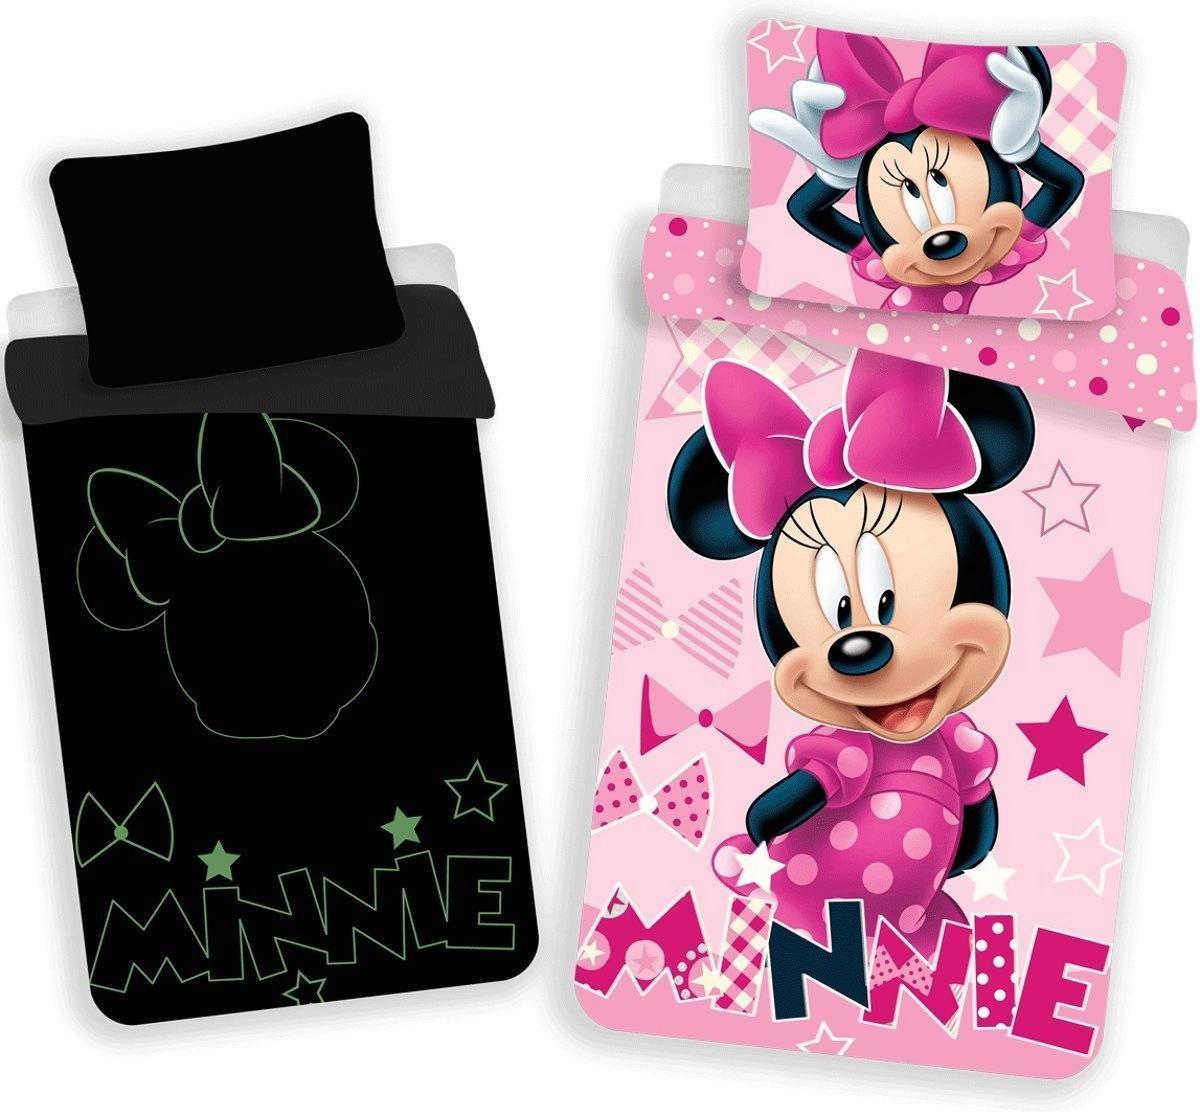 Dekbedovertrek- Disney Minnie Mouse Glow in the Dark-Eenpersoons- 140x200 cm - Roze kopen